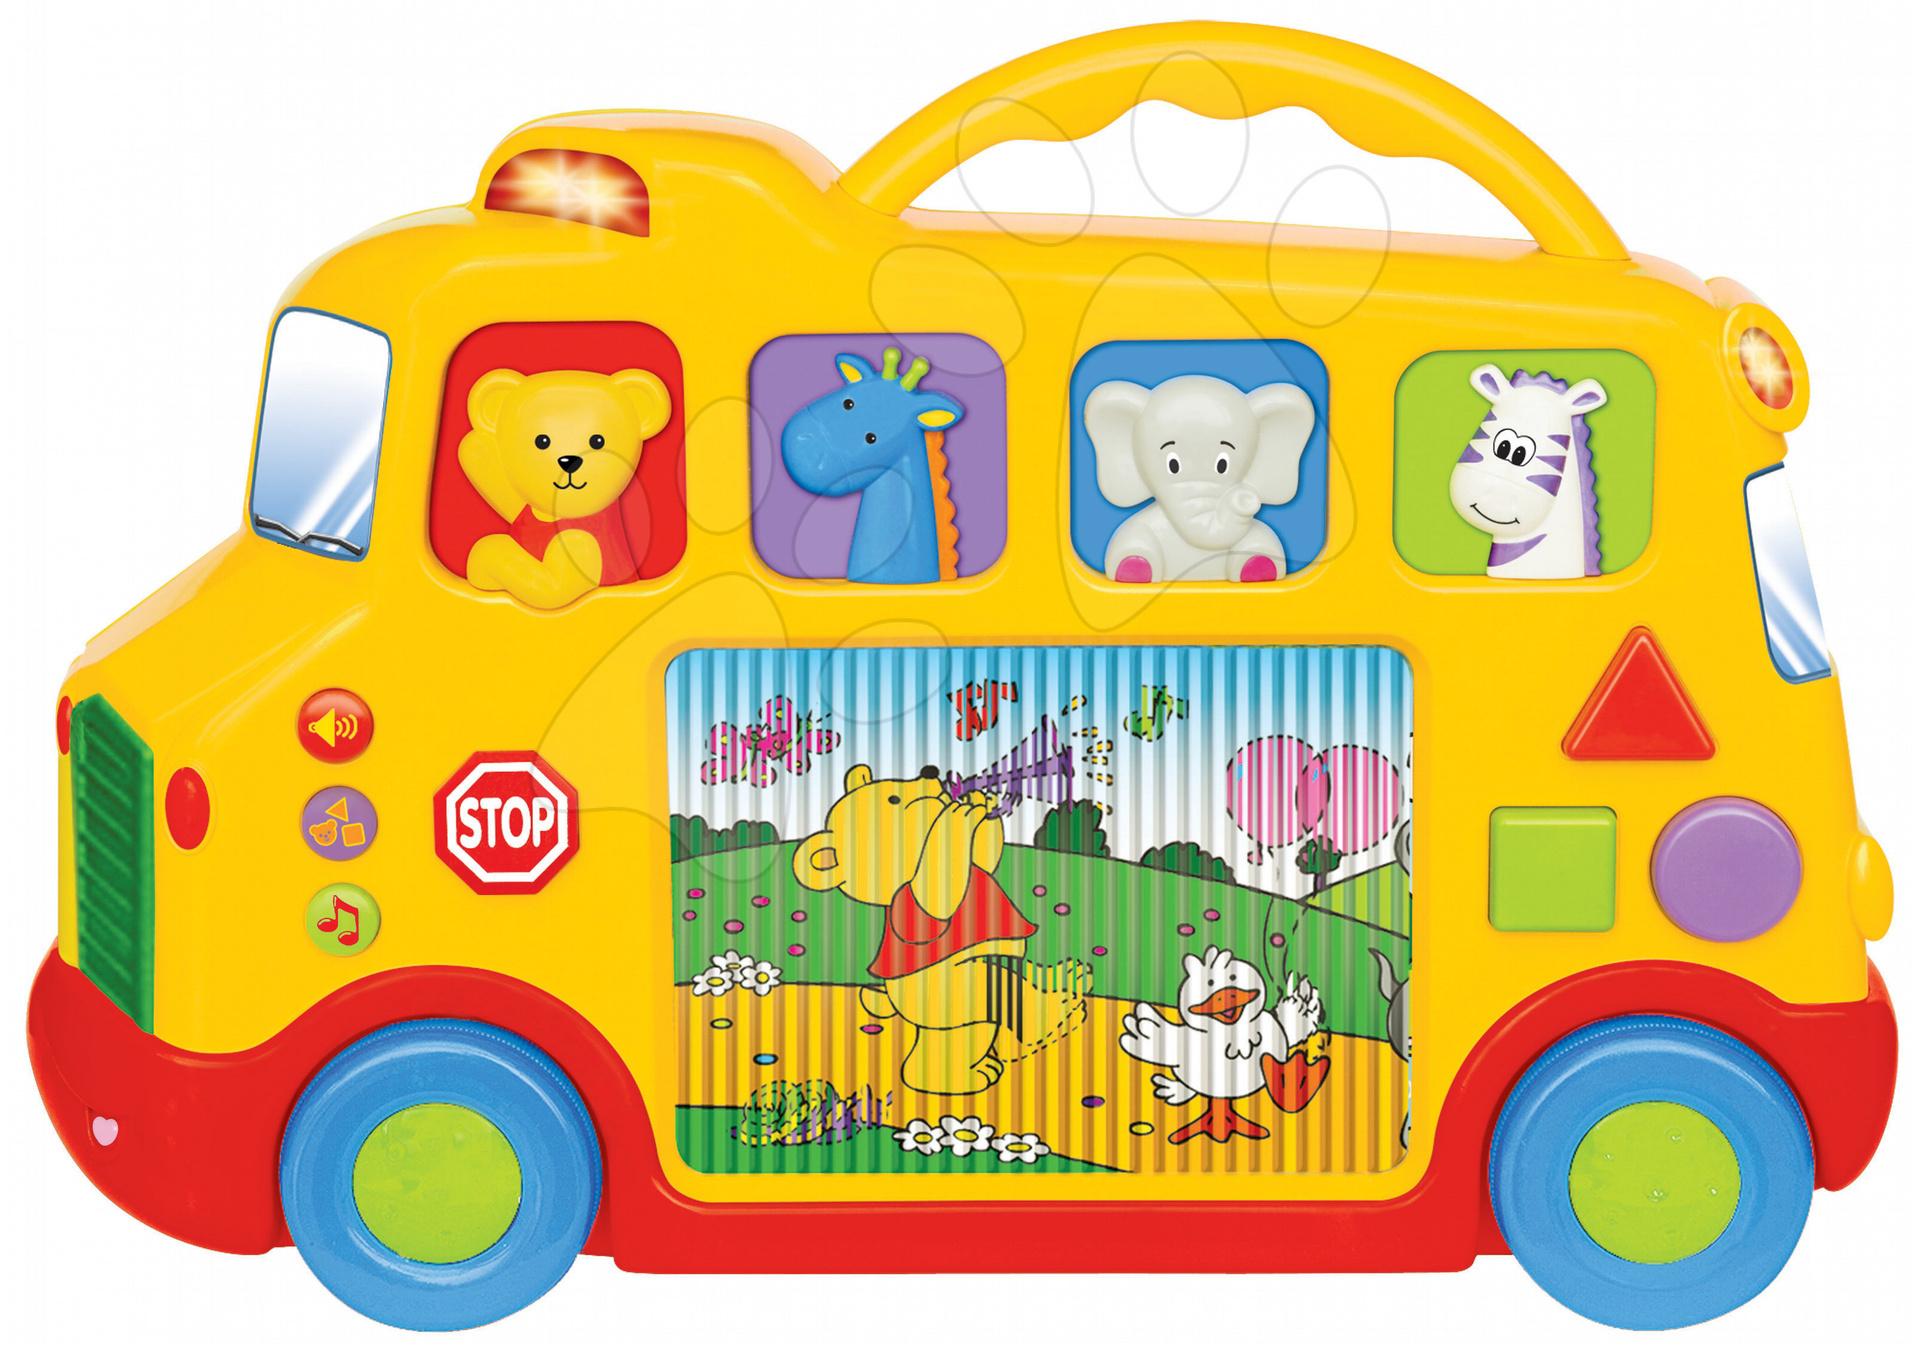 Régi termékek - Játék autóbusz Activity televízióval zenélő és világító Kiddieland 12 hó-tól